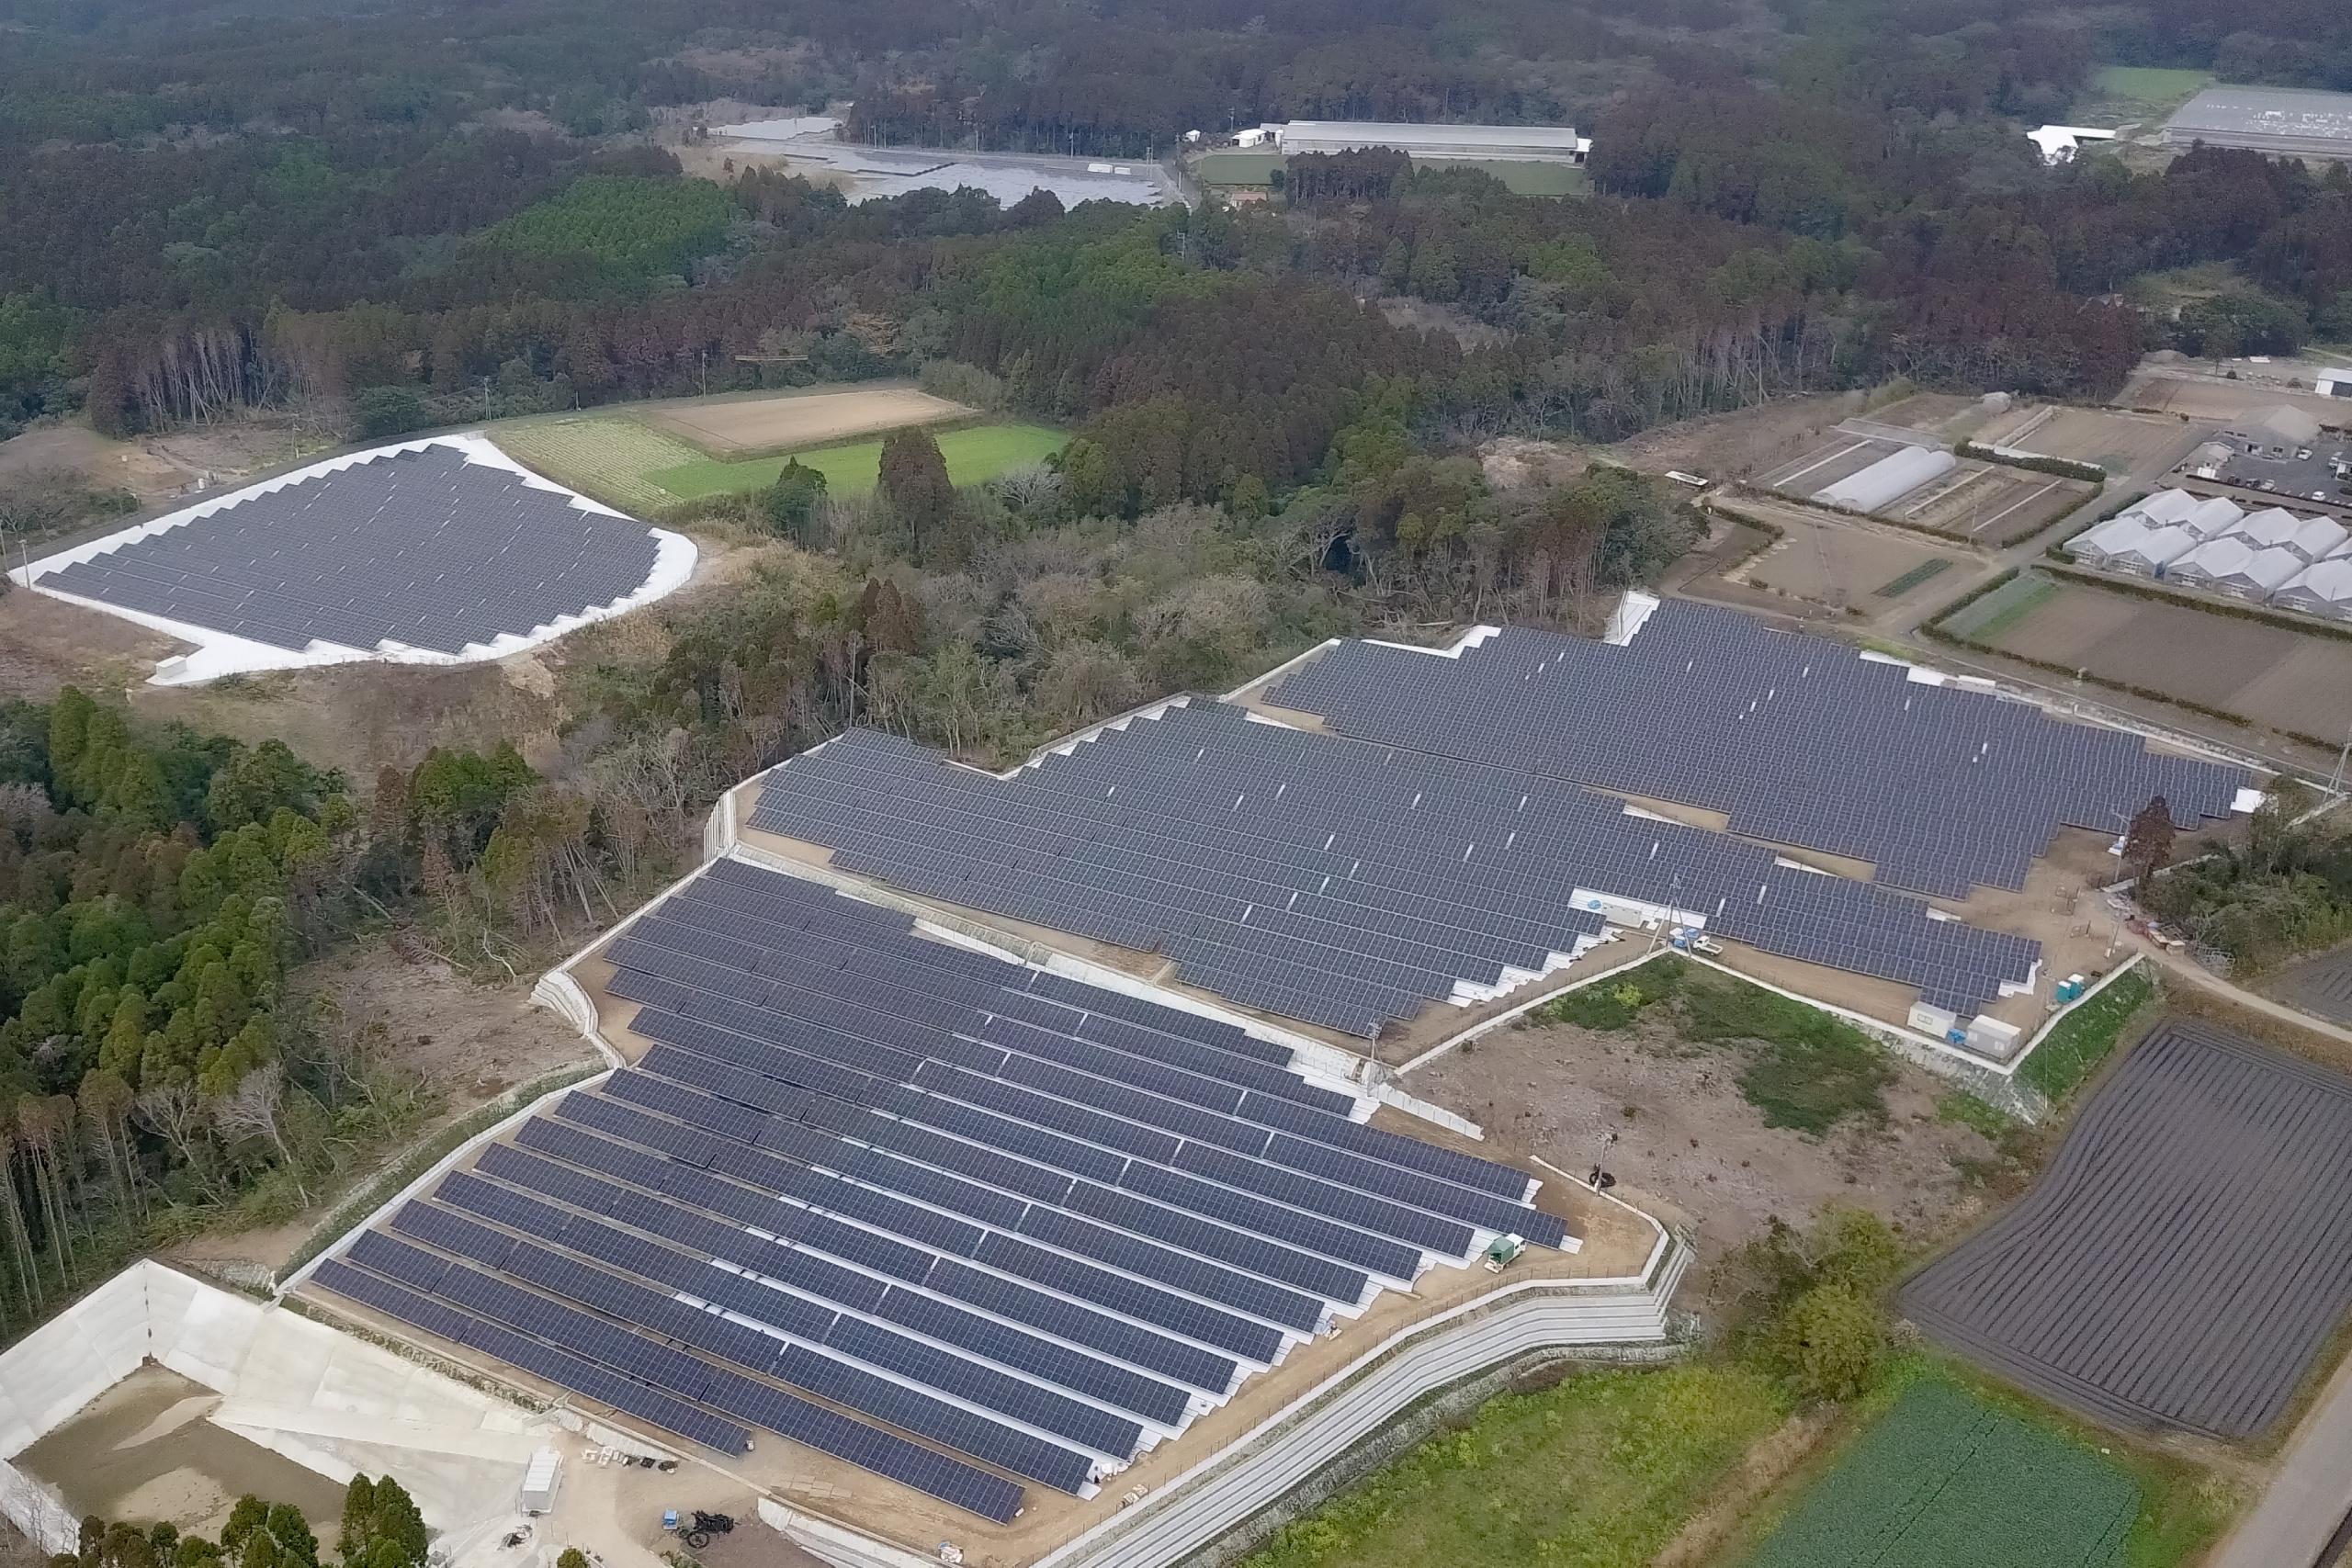 太陽光発電プロジェクト3